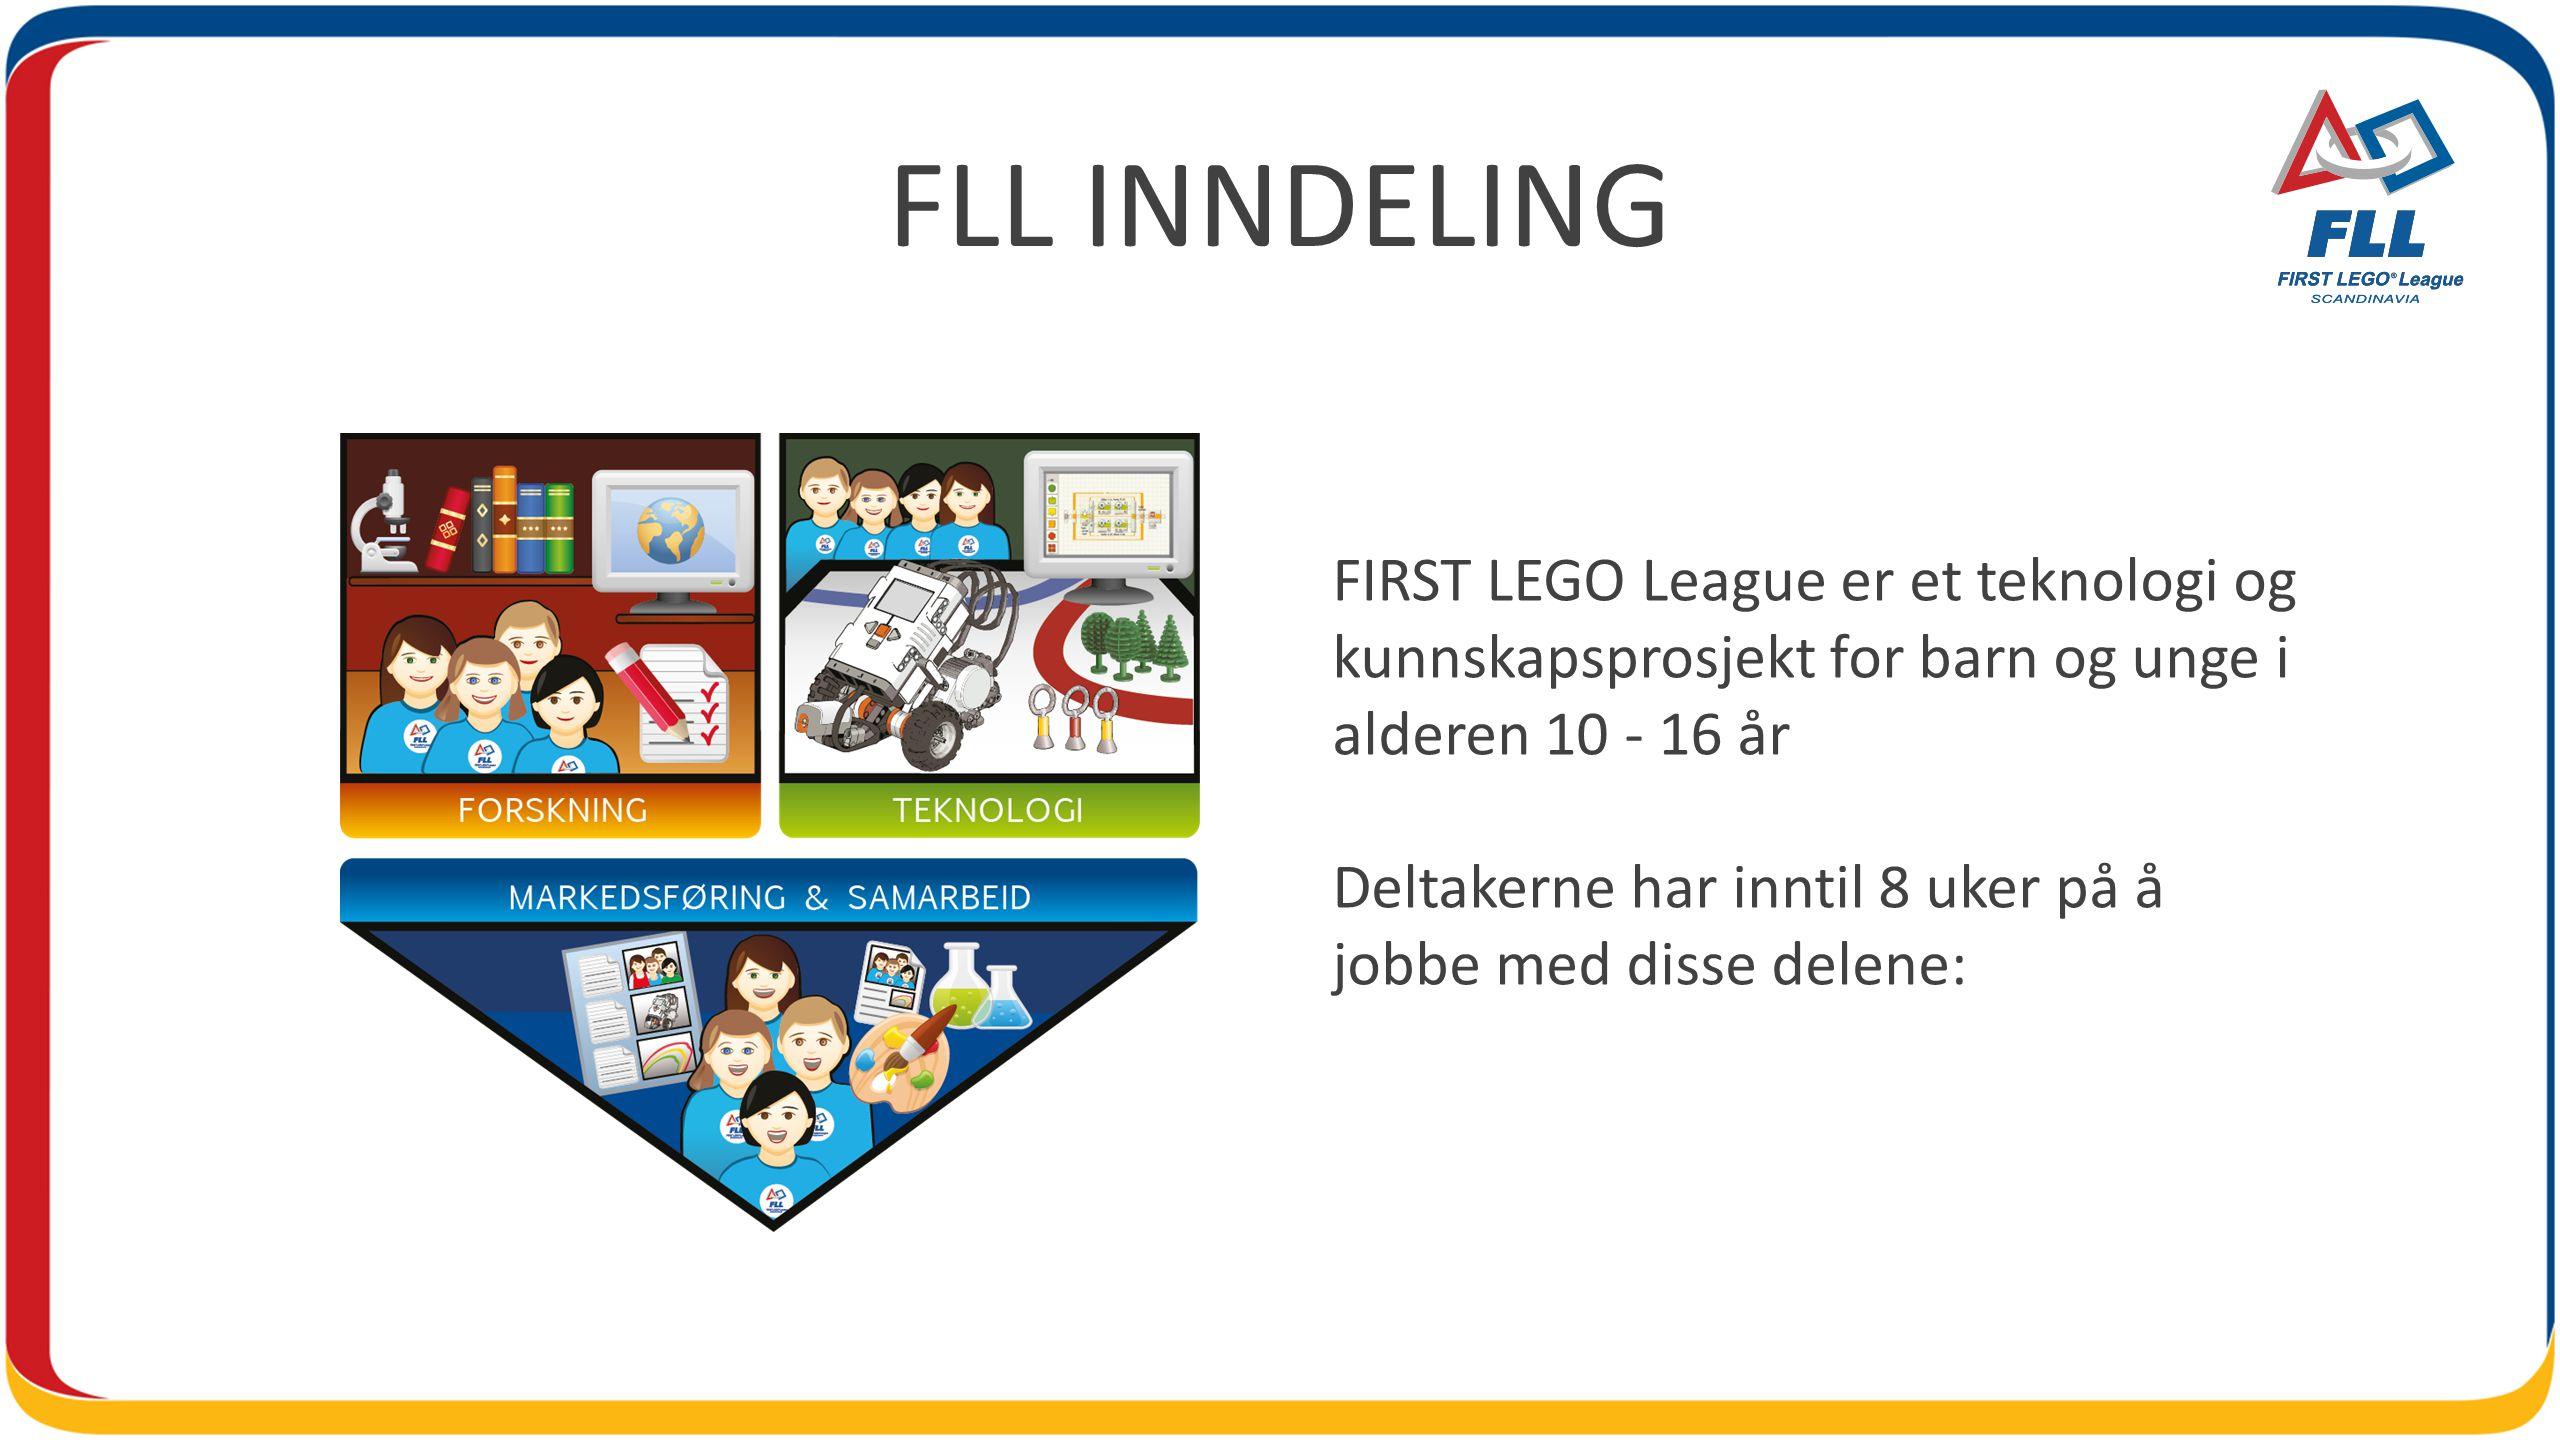 FLL INNDELING FIRST LEGO League er et teknologi og kunnskapsprosjekt for barn og unge i alderen 10 - 16 år Deltakerne har inntil 8 uker på å jobbe med